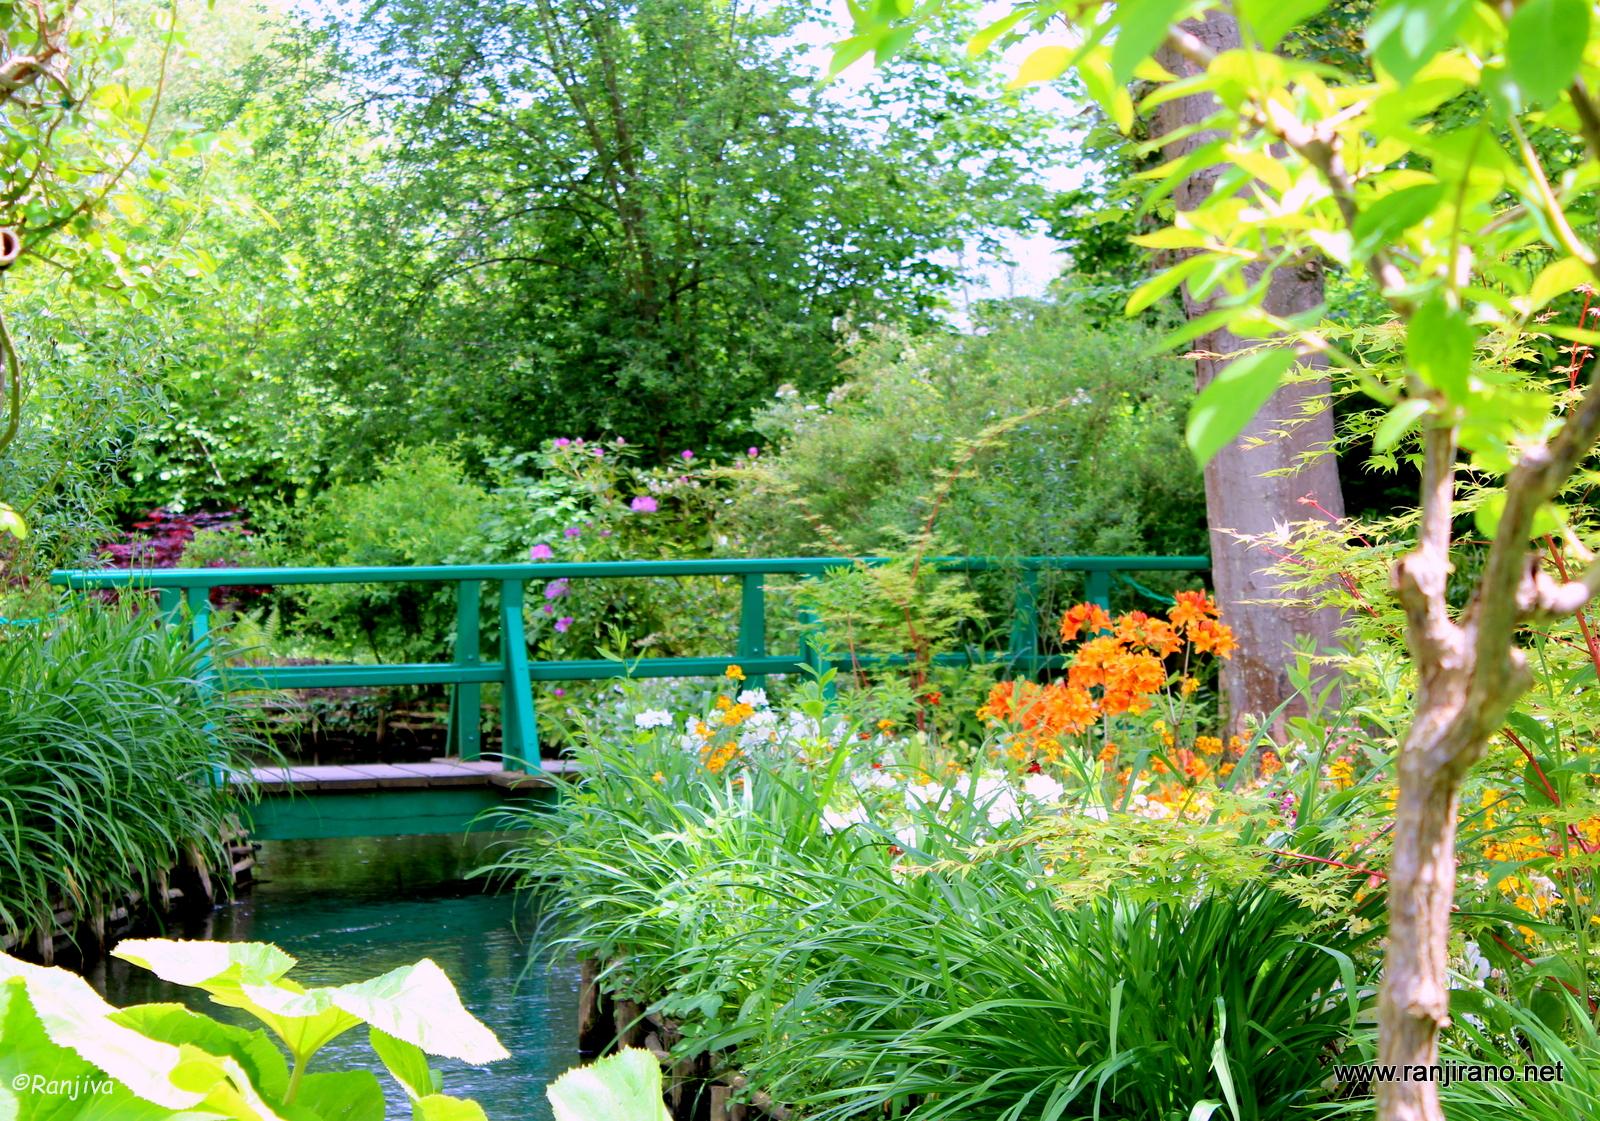 Symphonie de couleurs au rythme des saisons dans le for Au jardin des couleurs